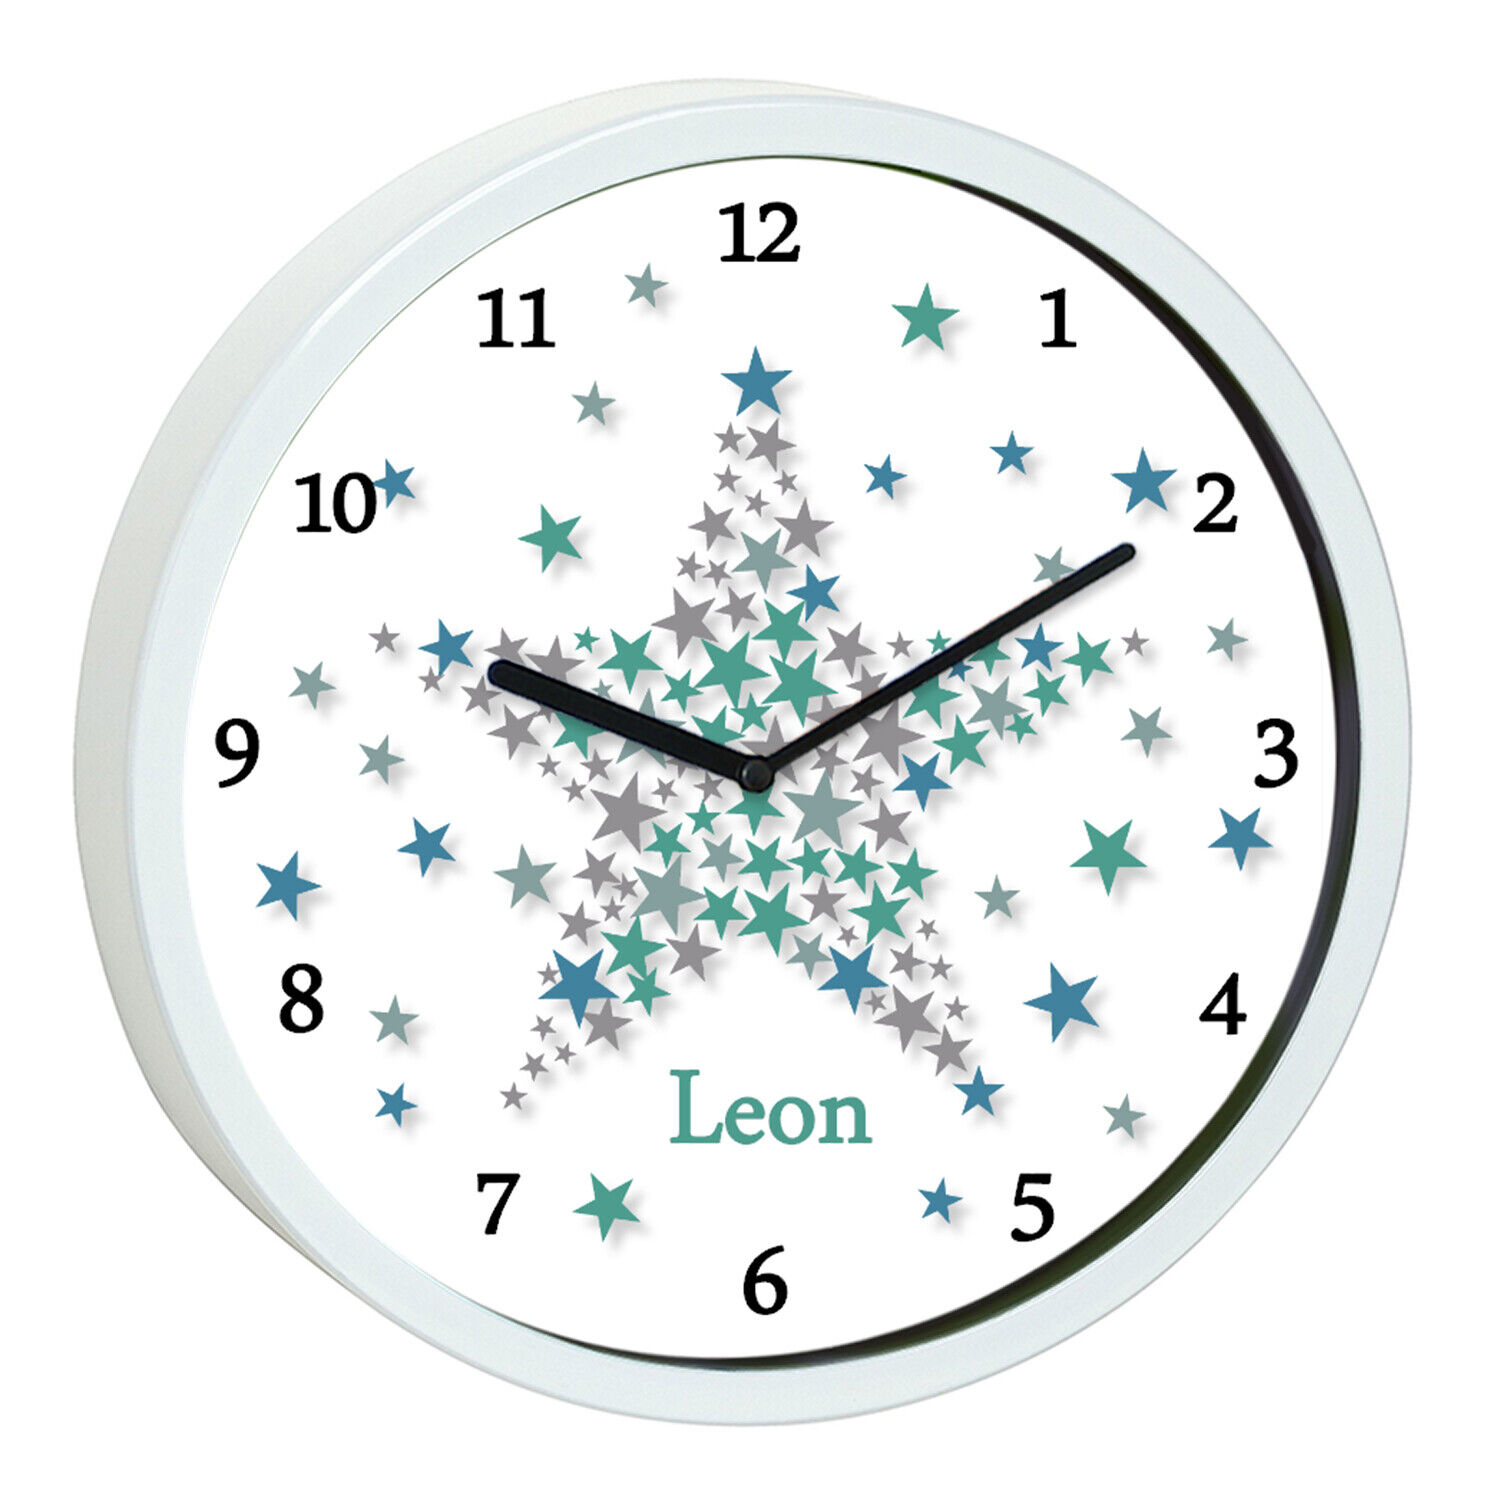 Wanduhr Kinder Sterne blau Kinderzimmer Uhr weiß Wunschnamen Stern kein Ticken